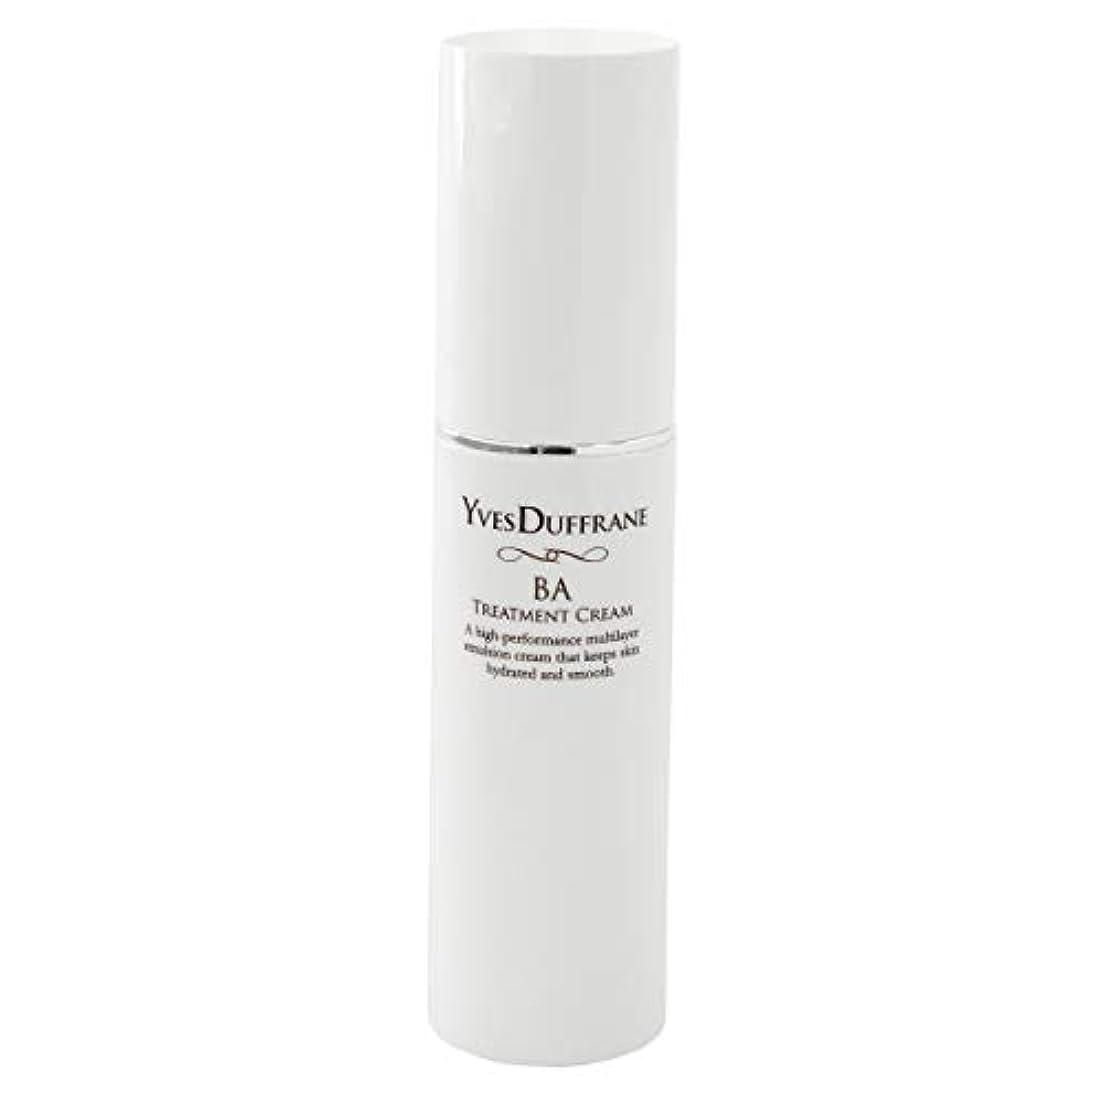 ギャザー見る噛むセラミド 美容クリーム [BAトリートメント クリーム ] 顔 目元 敏感肌 保湿 セラミド ビタミンC誘導体 バイオアンテージ配合